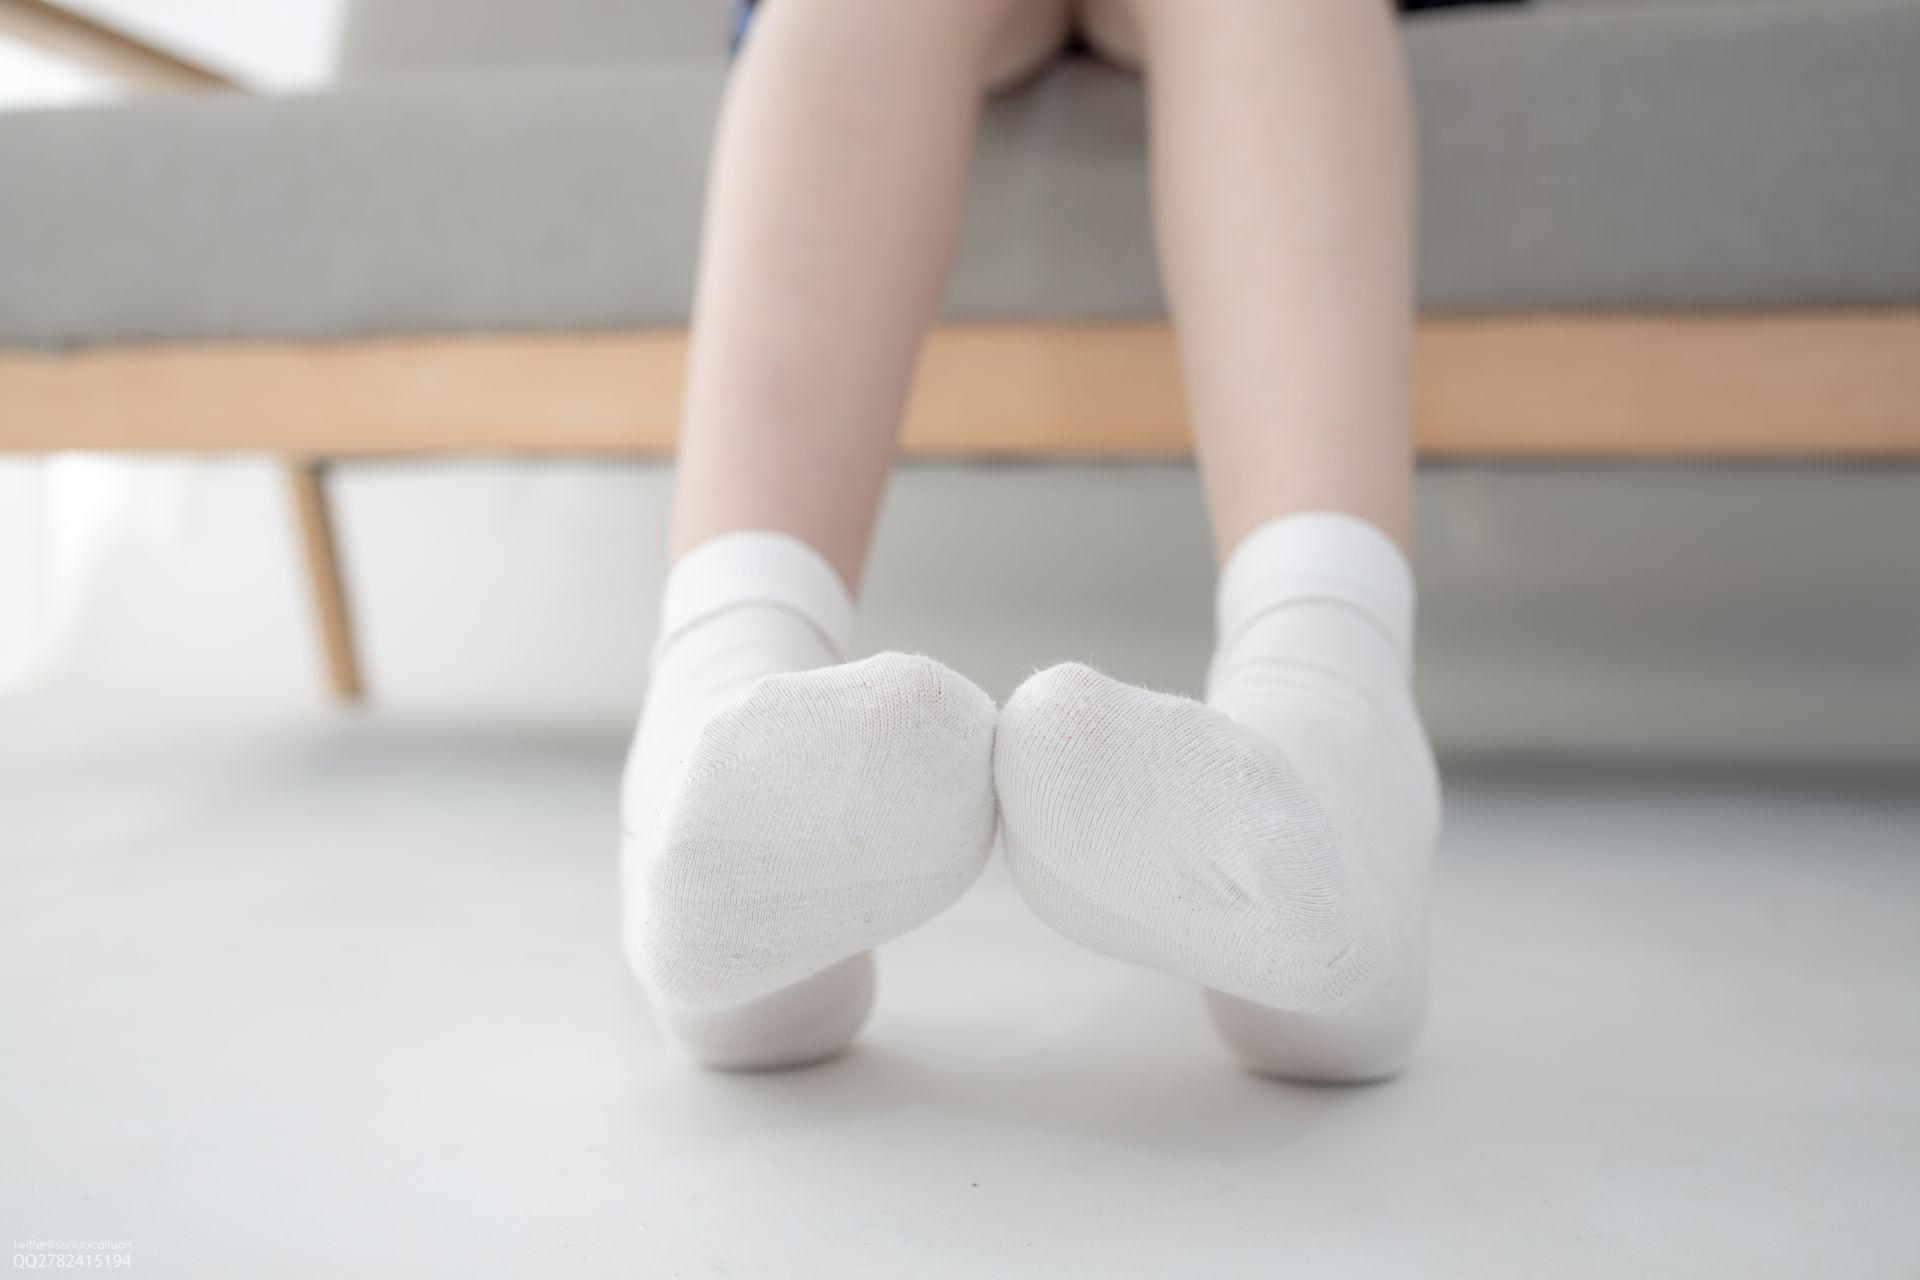 【森萝财团】 森萝财团写真 – JKFUN-041 百圆定制1-3 短棉袜 Aika [27P-1V-1.46GB] JKFUN 第3张